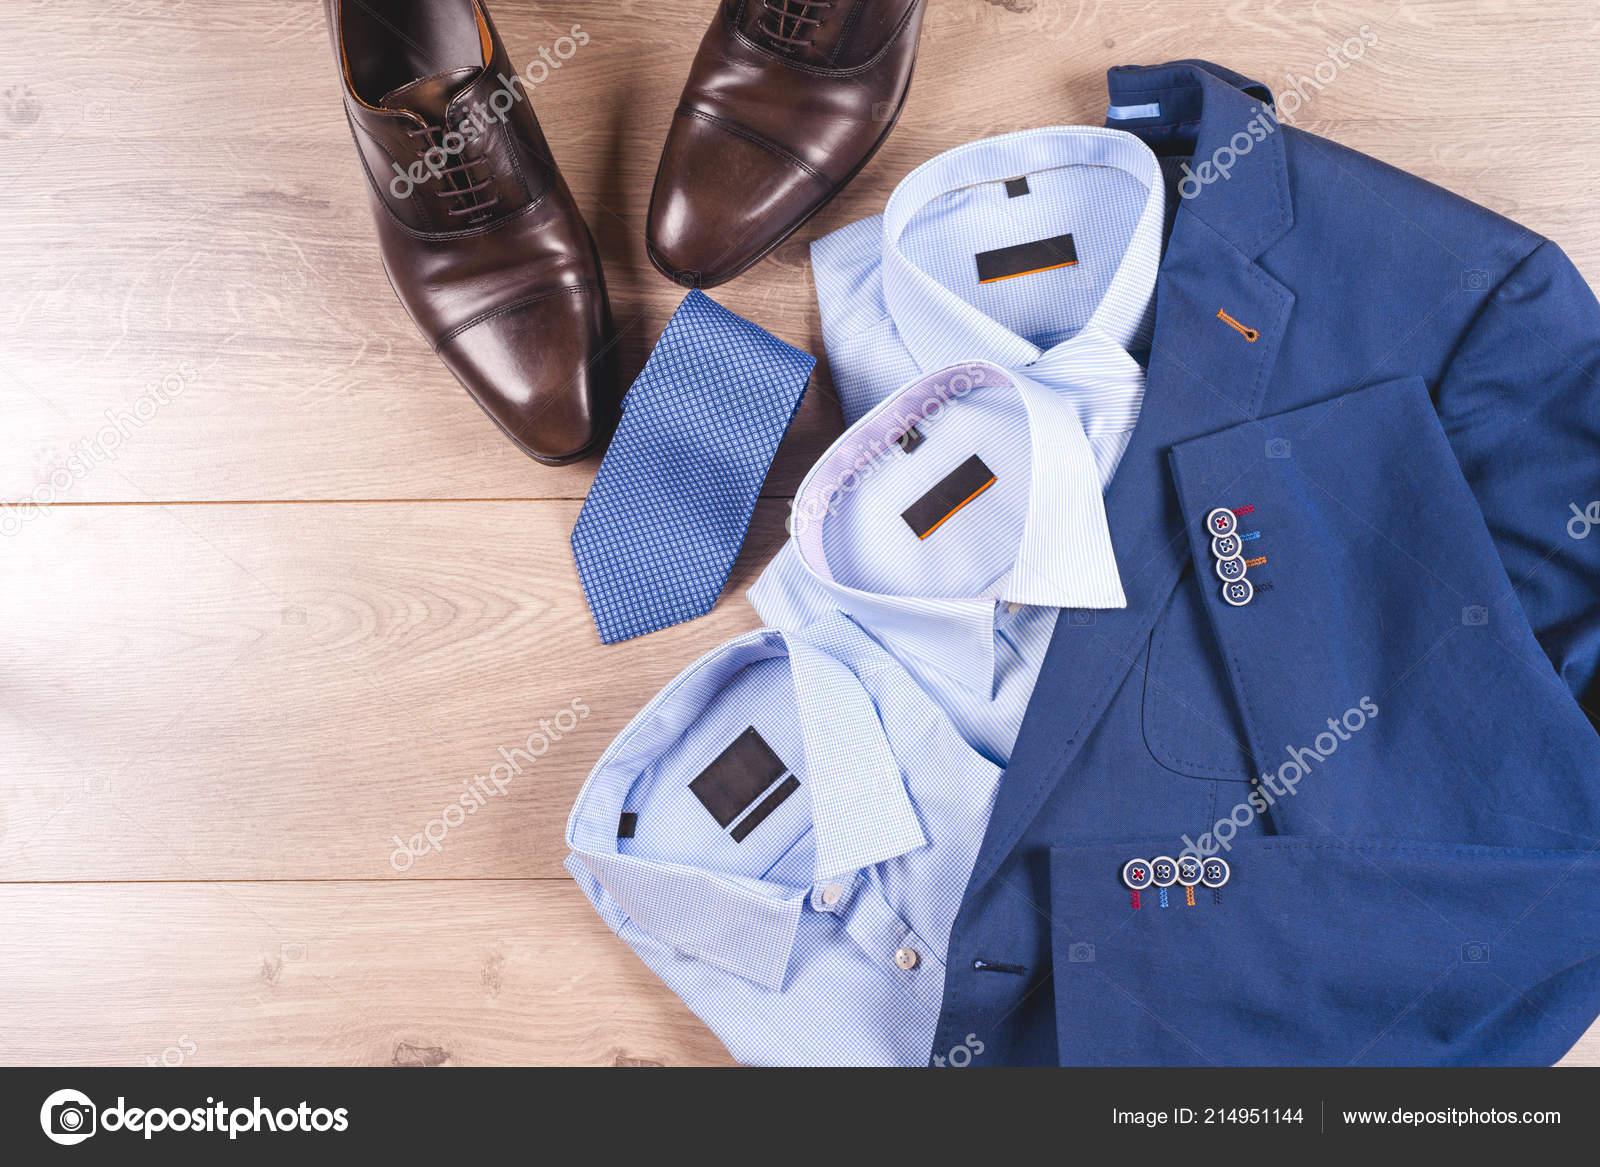 b39123268cf00 De Camisas Ropa Traje Hombre Para Zapatos Azul Conjunto Clásicos dxTqBxn